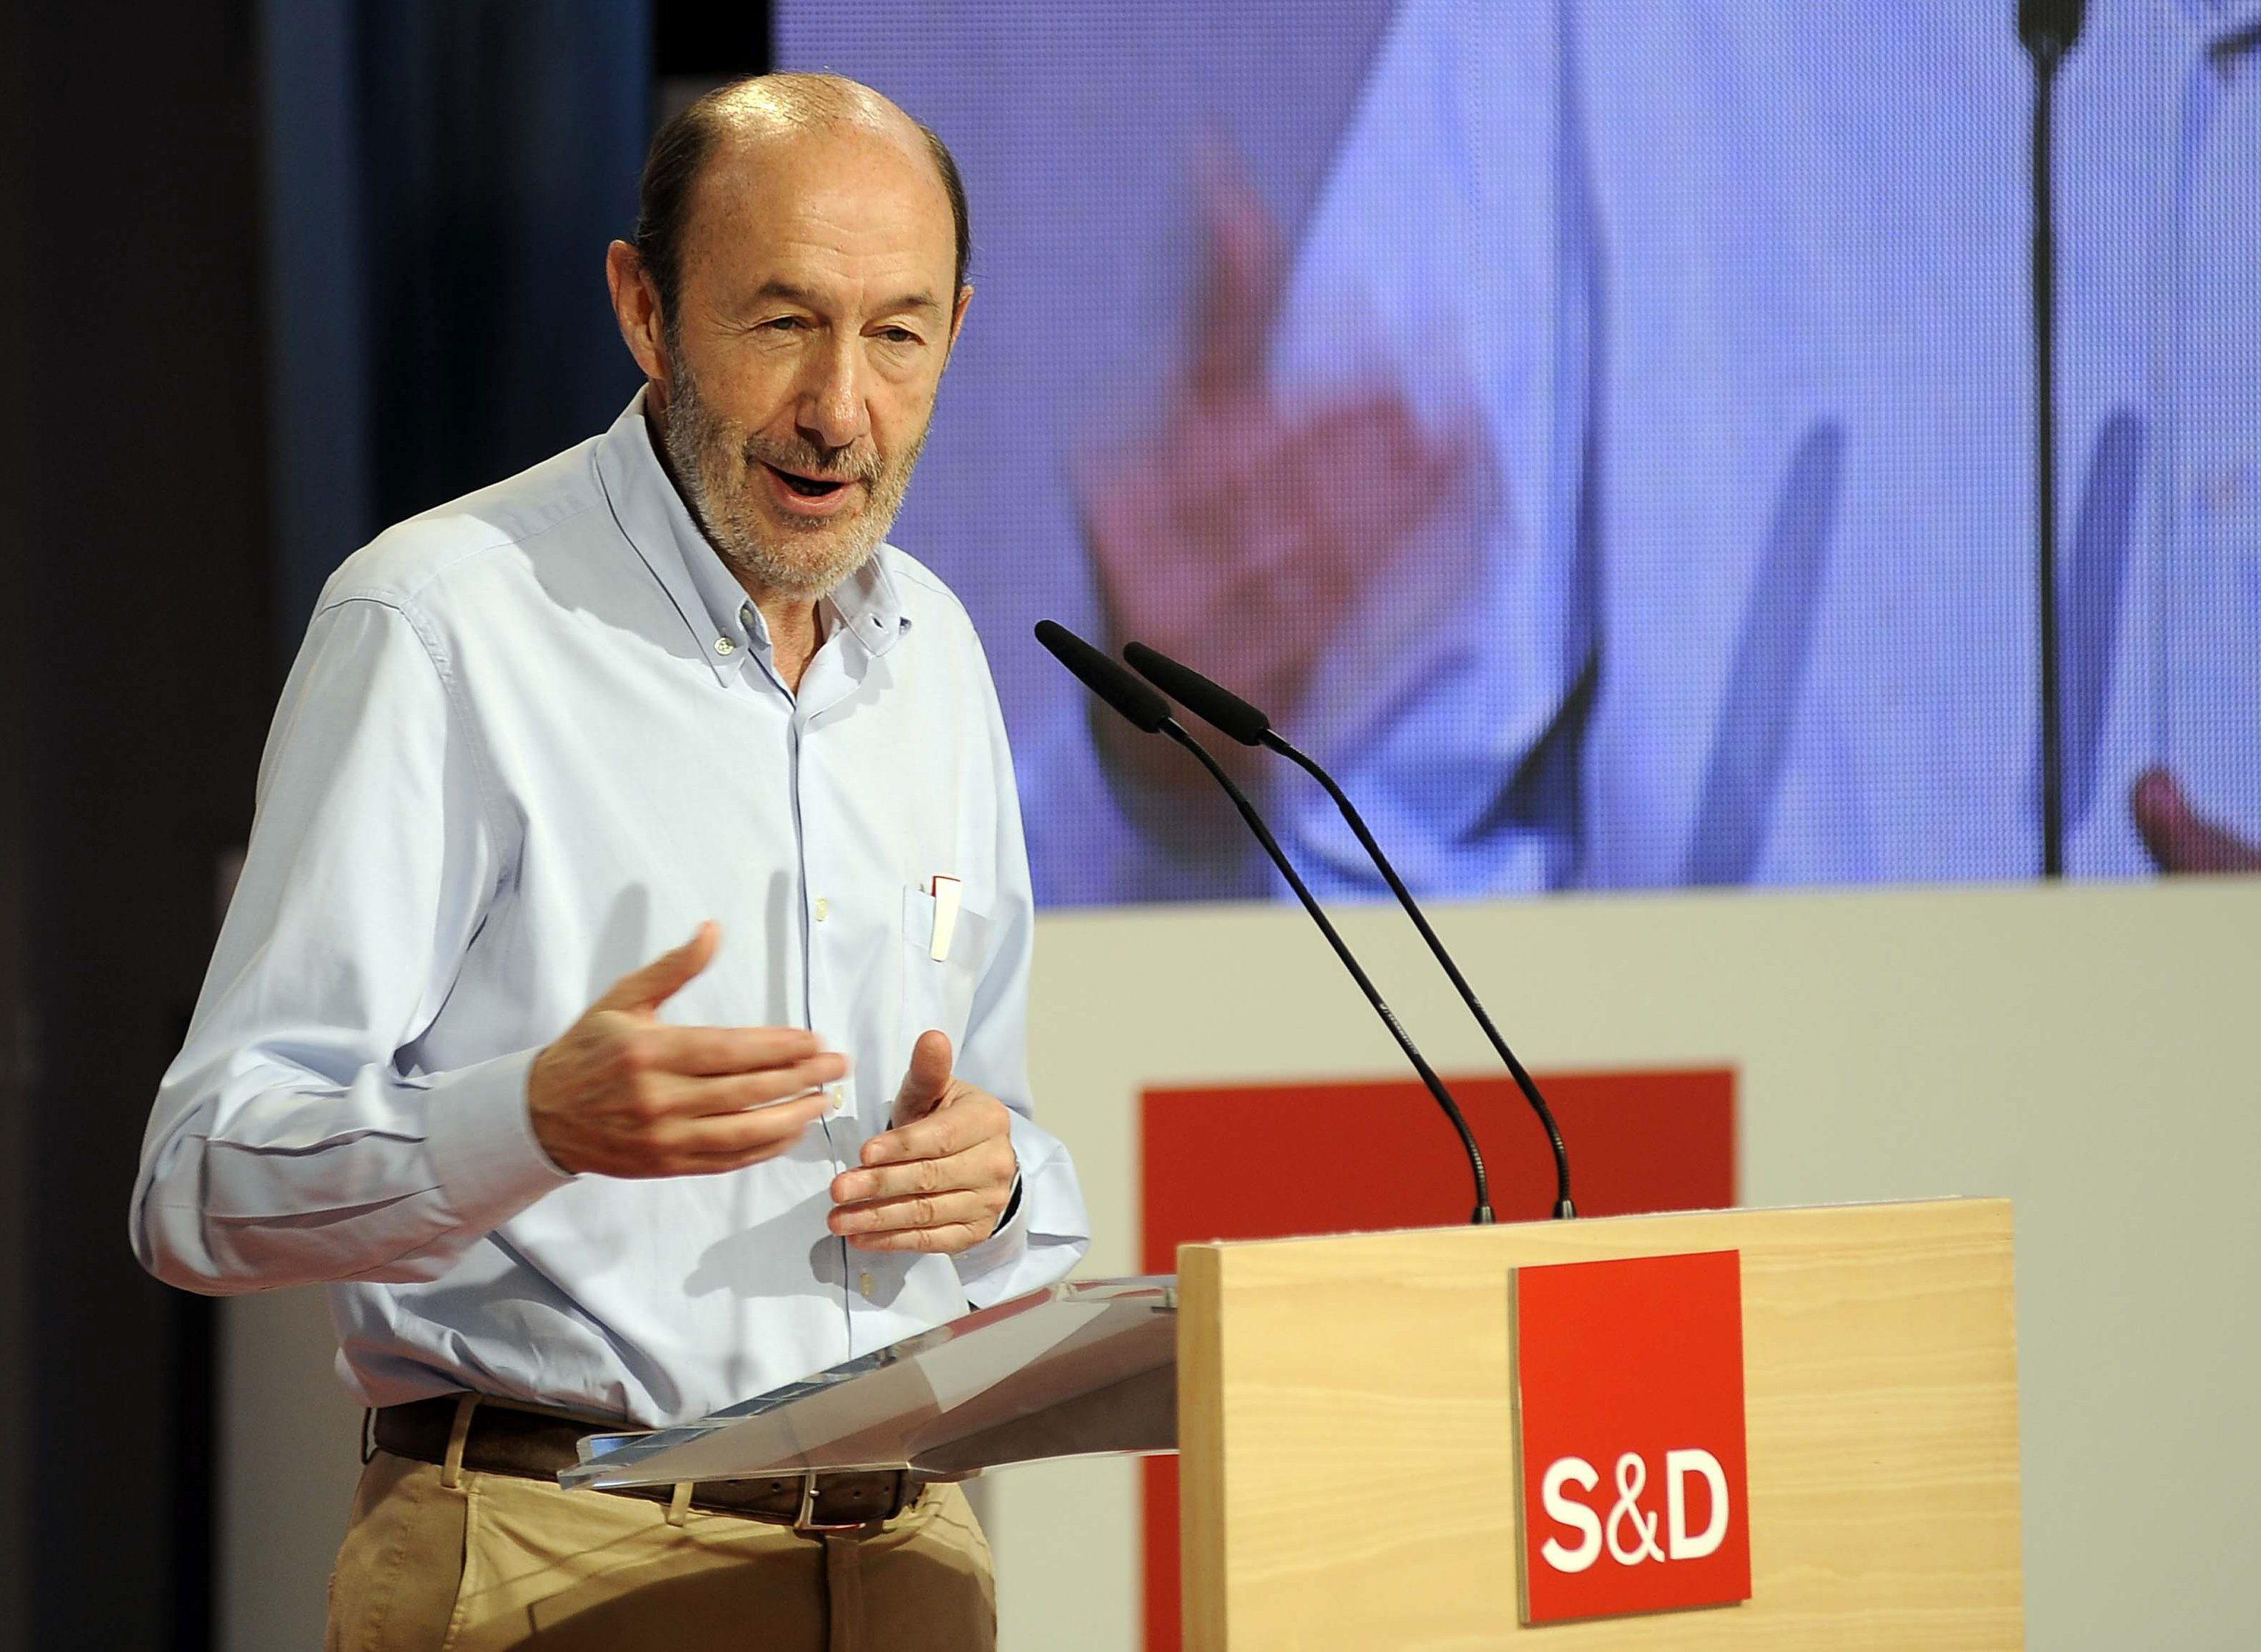 El PSOE recurre al Constitucional para evitar la quita  los ahorradores que invbirtieron en preferentes